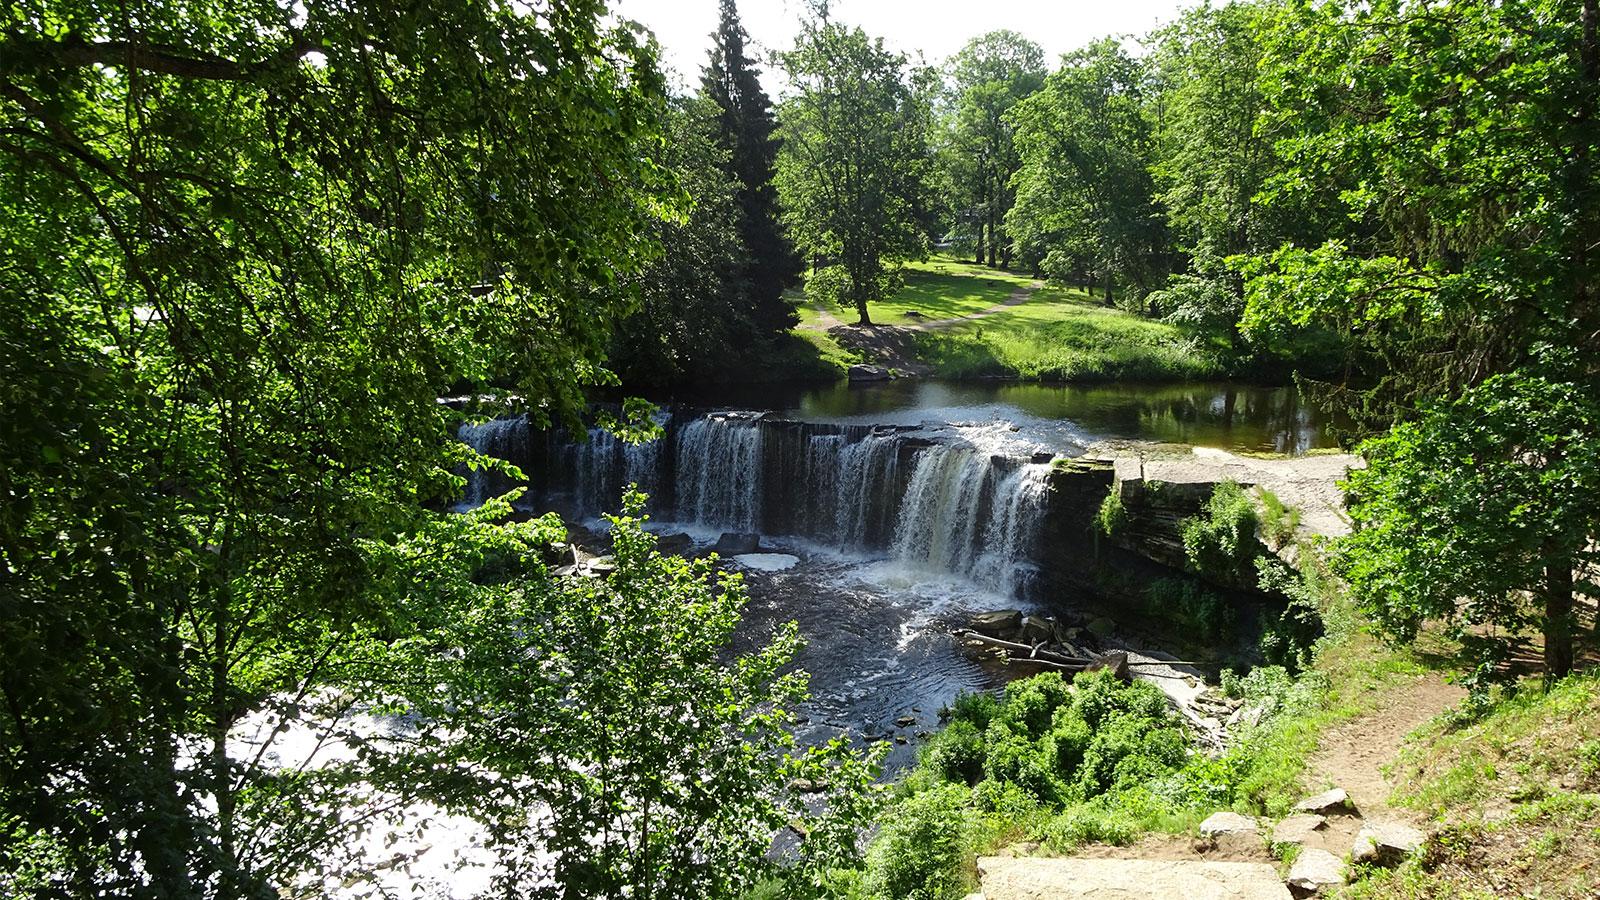 Bezaubernder kleiner Wasserfall in Estland